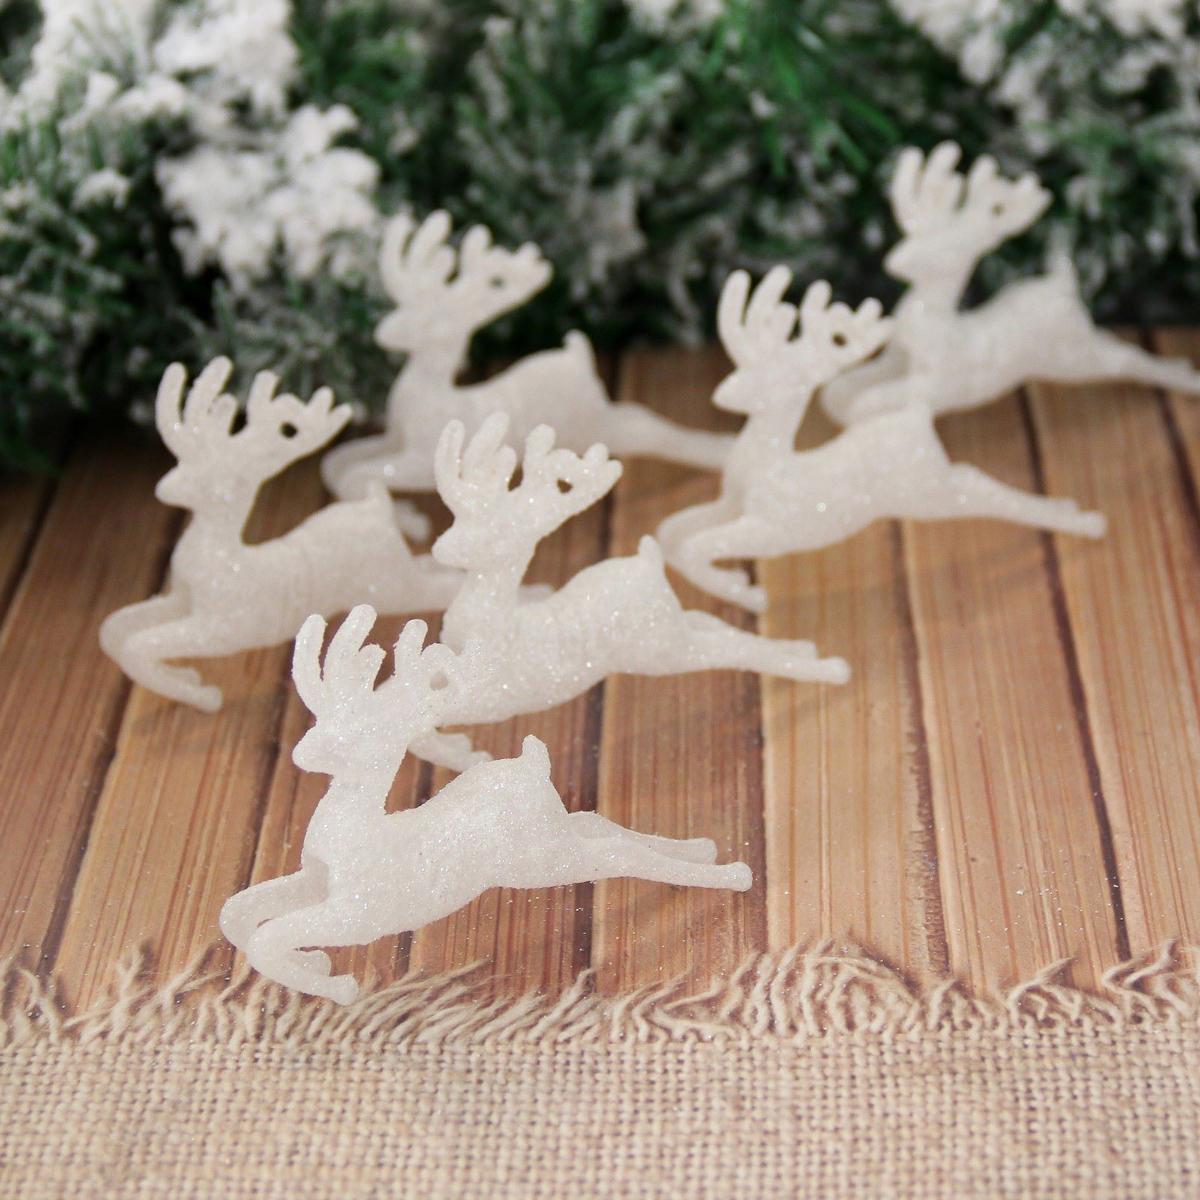 Набор новогодних подвесных украшений Снежные олени, 7 х 9,5 см, 6 шт2155345Невозможно представить нашу жизнь без праздников! Мы всегда ждем их и предвкушаем, обдумываем, как проведем памятный день, тщательно выбираем подарки и аксессуары, ведь именно они создают и поддерживают торжественный настрой. Это отличный выбор, который привнесет атмосферу праздника в ваш дом!